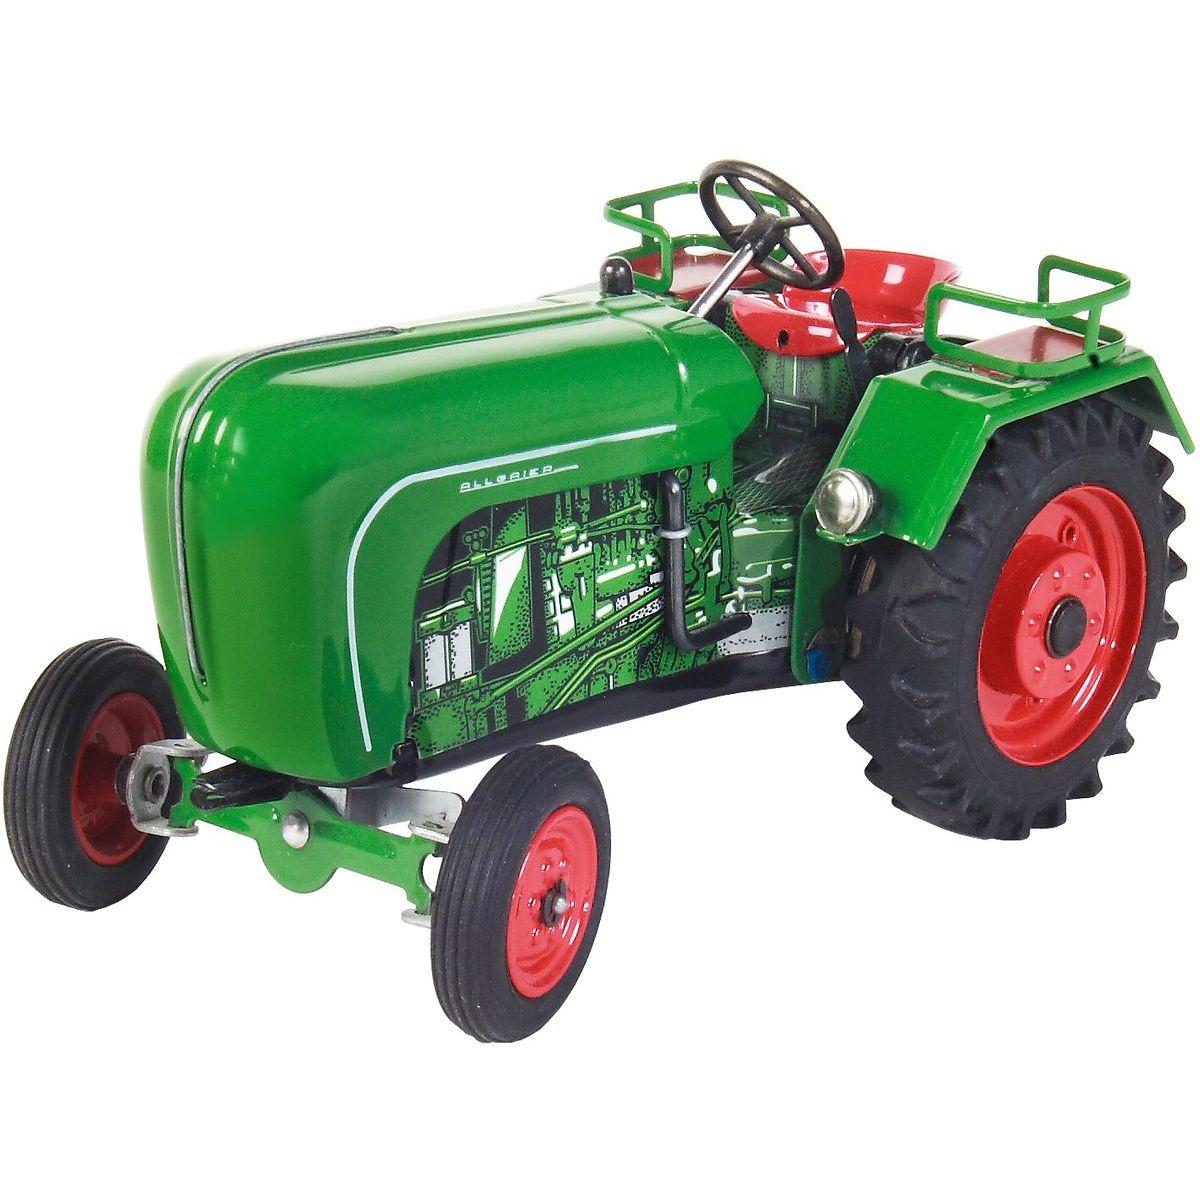 Kovap Traktor Allgaier